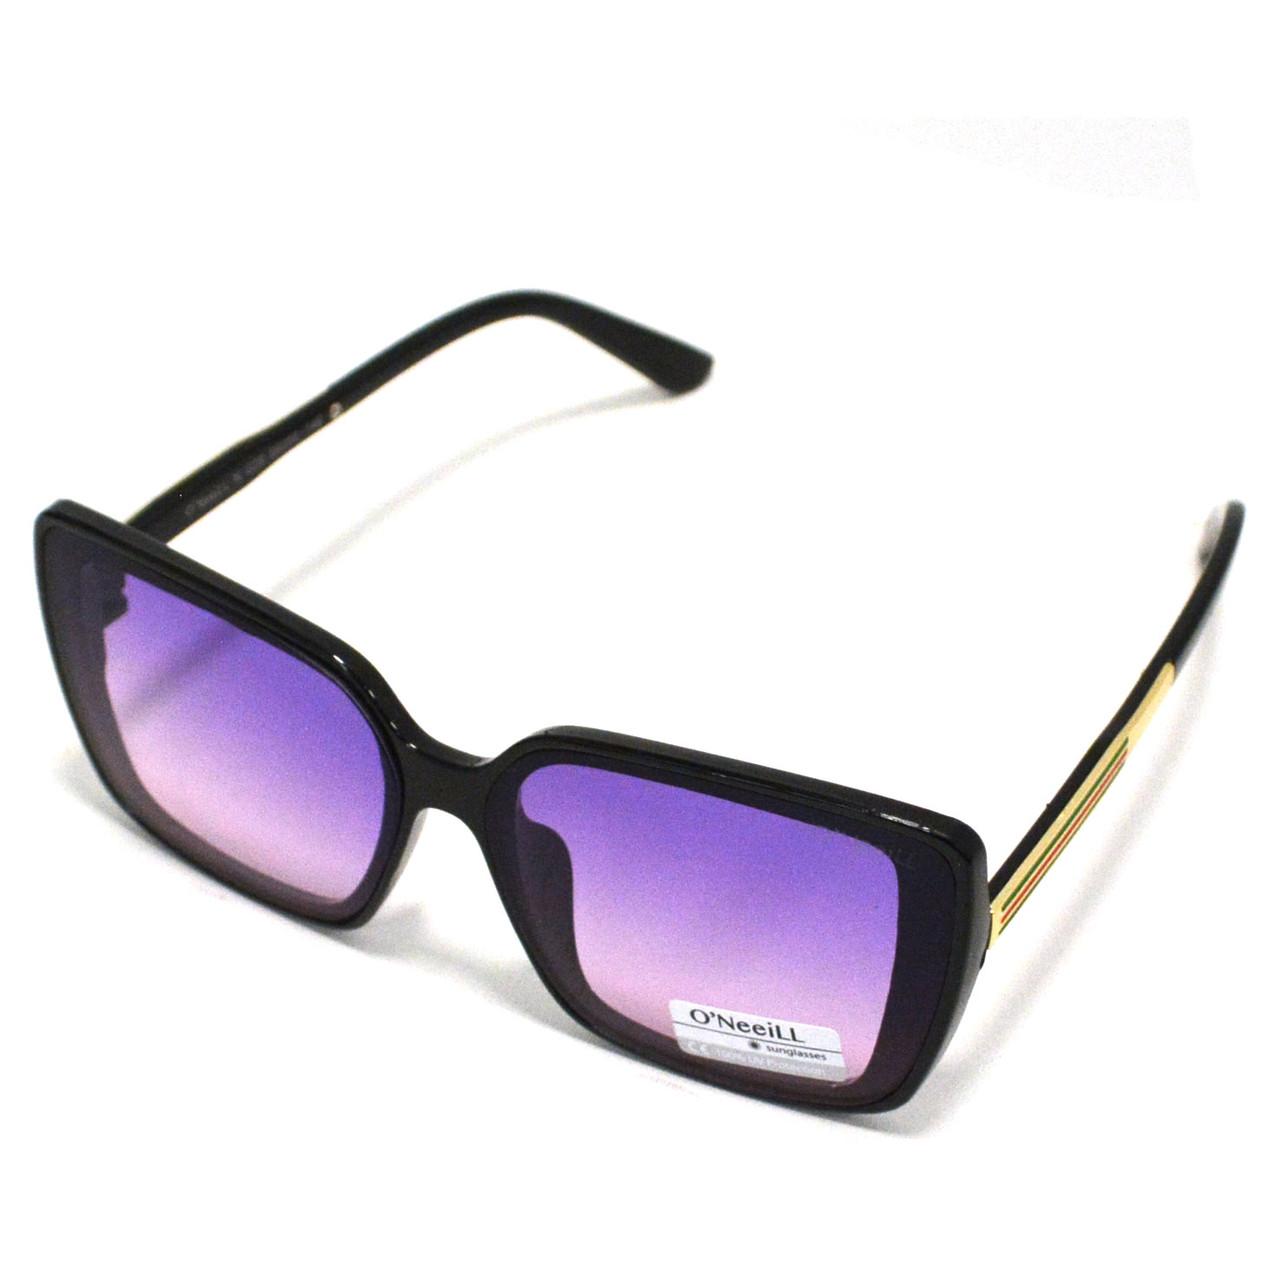 Солнцезащитные очки с фиолетовыми стеклами с узором на дужке UV 400 O'NeeiLL N G 28 черные - фото 3